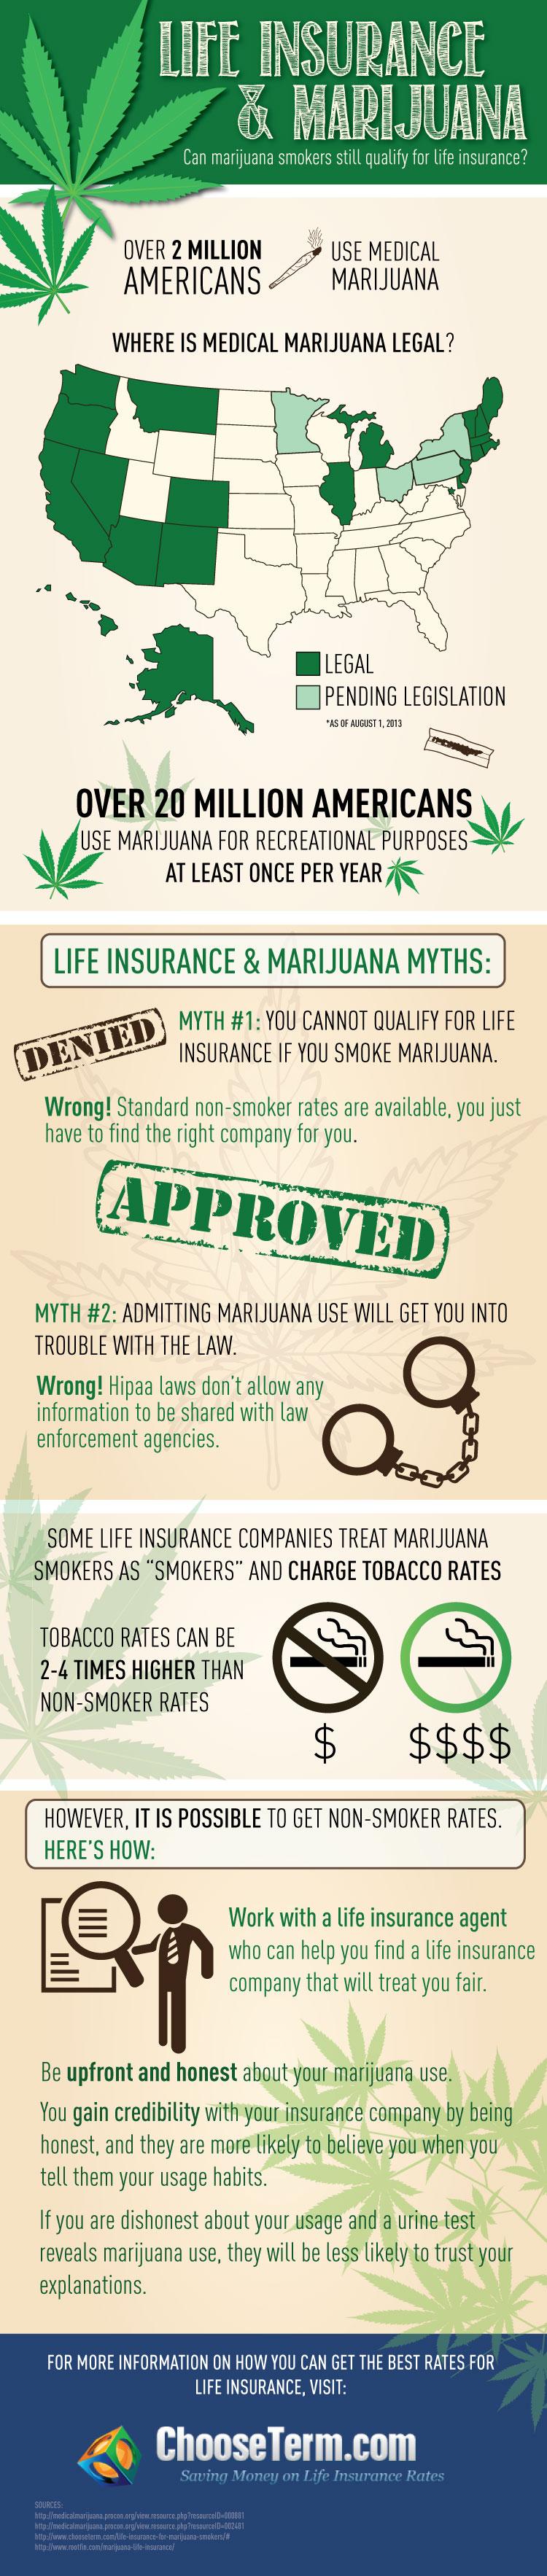 life-insurance--marijuana_5214d8fe5b767